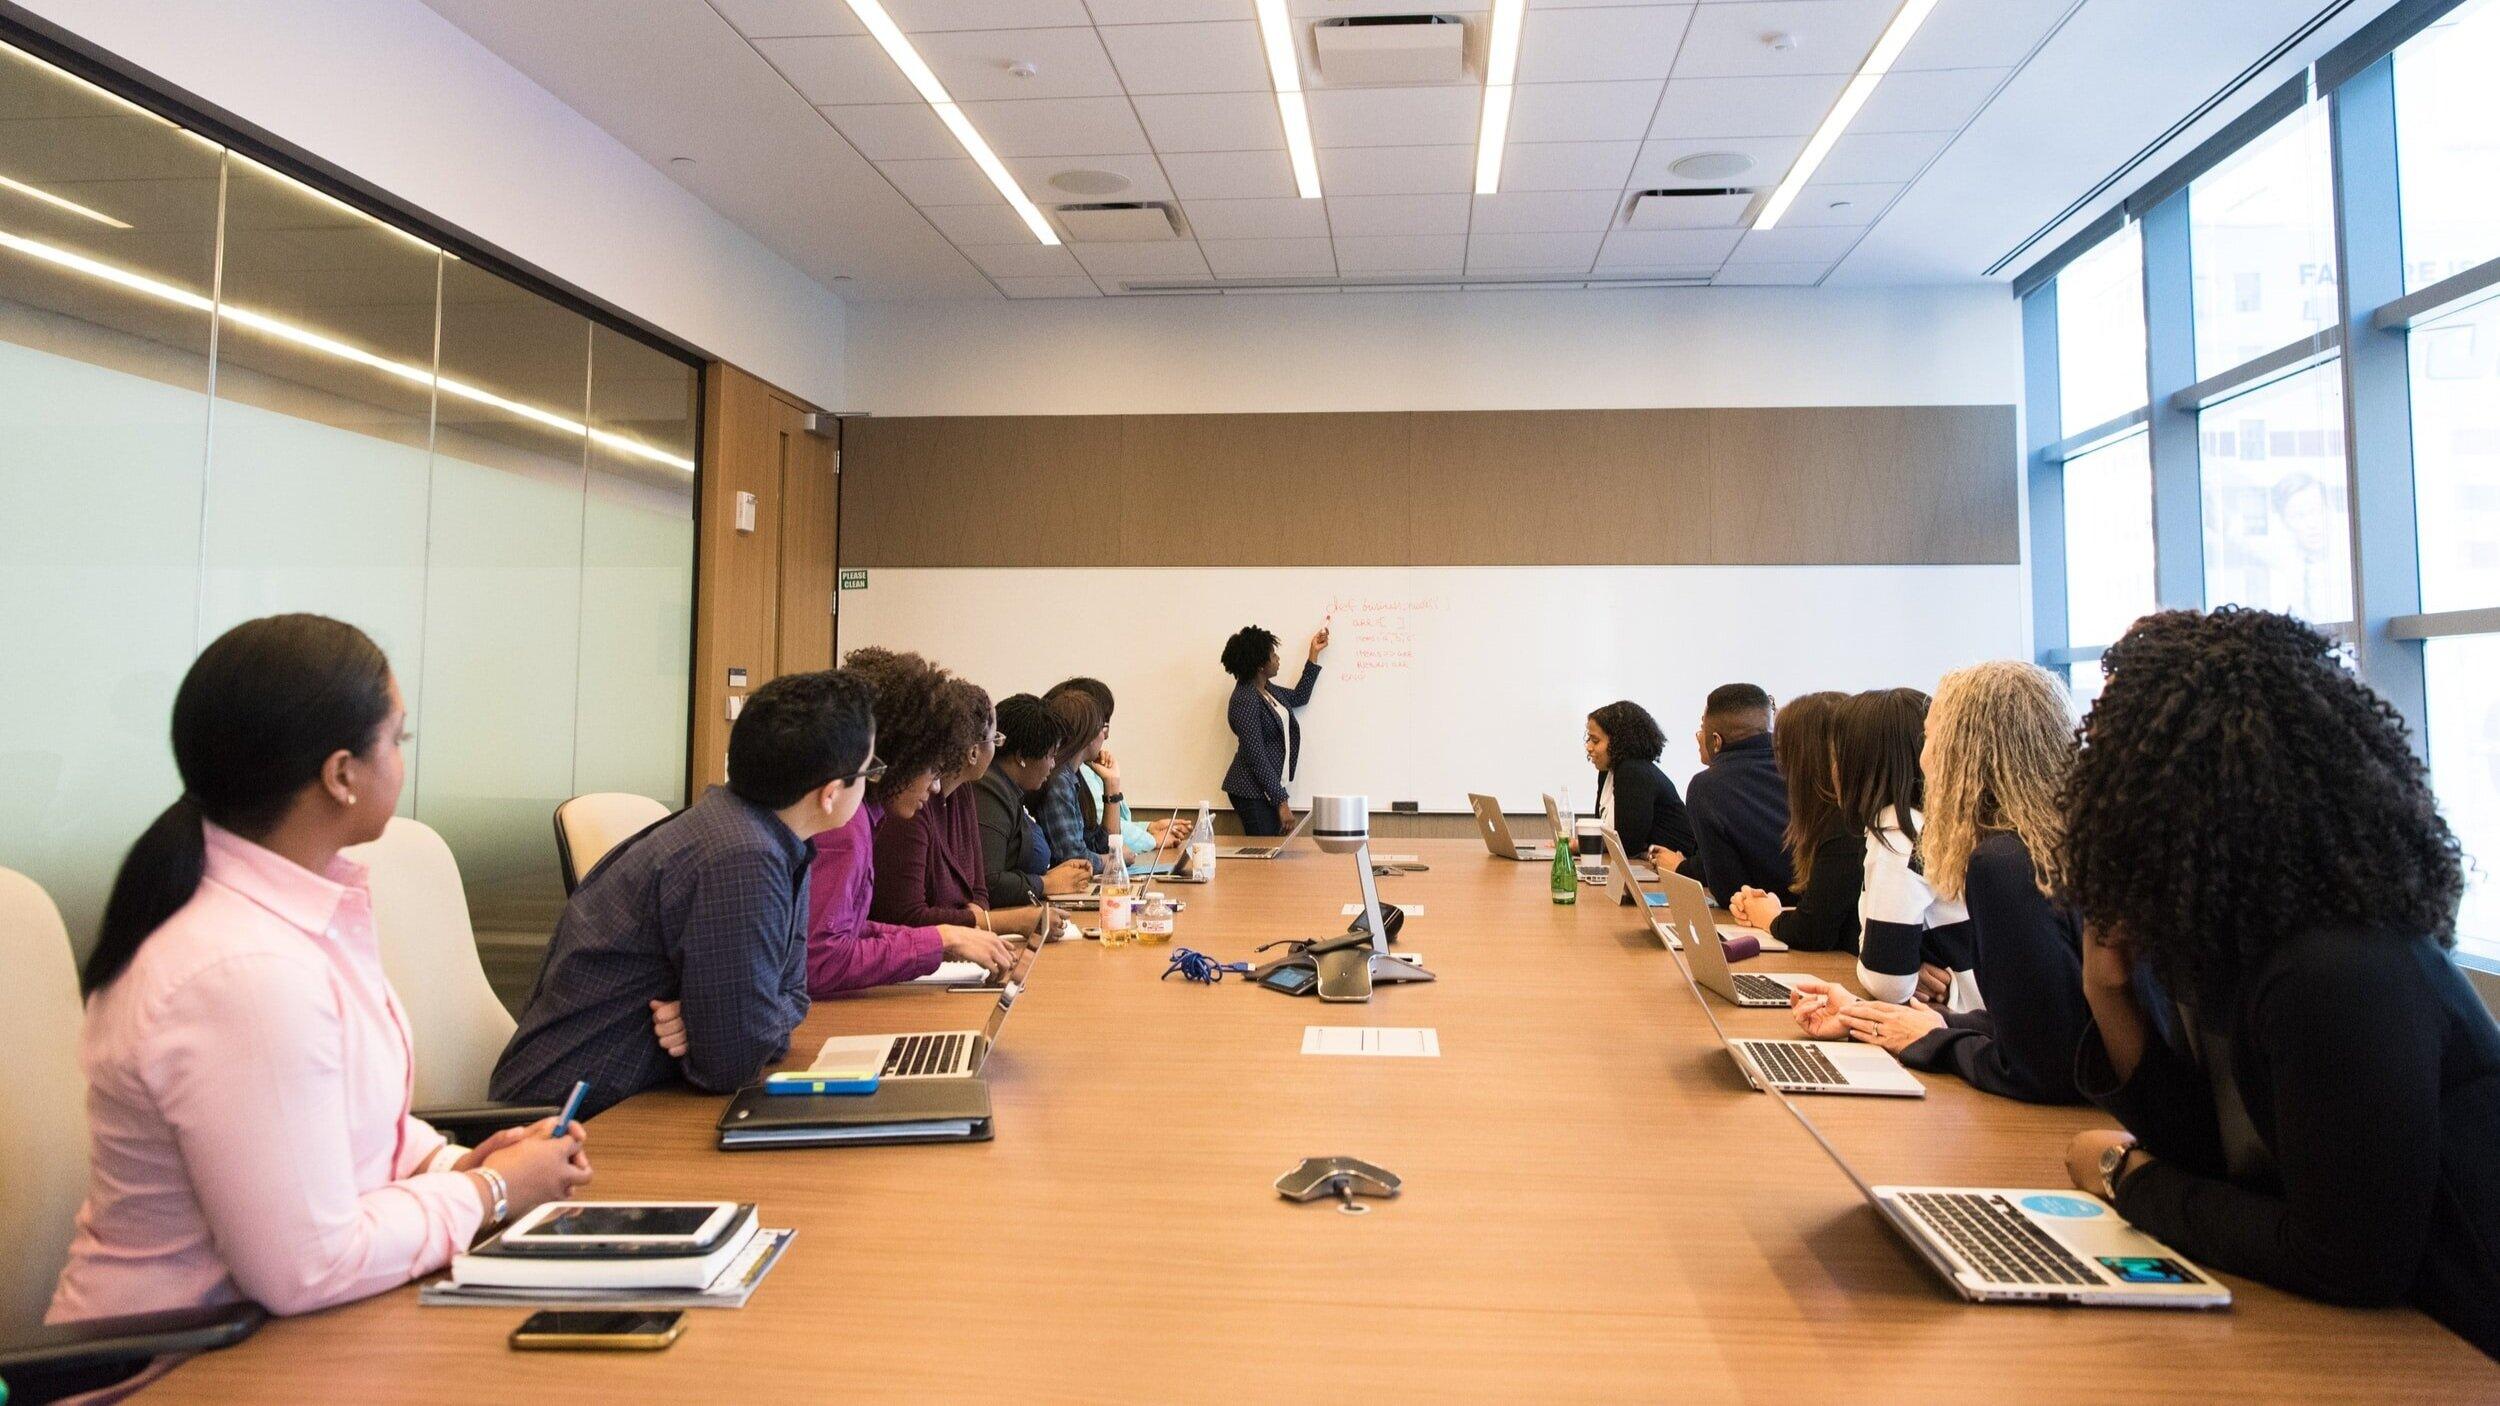 十博APP电竞比赛 - 十博APP电竞比赛是一个专属于会员的每月教育系列,旨在为会员提供一个了解和讨论重要政策问题的私人场所, 行业趋势, 以及其他重要的专业发展话题. 节目将包括著名的演讲者来讨论商业问题, 经济, 以及对建筑行业和我们的成员至关重要的政策问题. 2021年的主题将包括与领导人讨论大麻安全和法规, 公共采购, 税收政策变化, 带薪休假法例, 网络安全, 建筑行业部门等等!